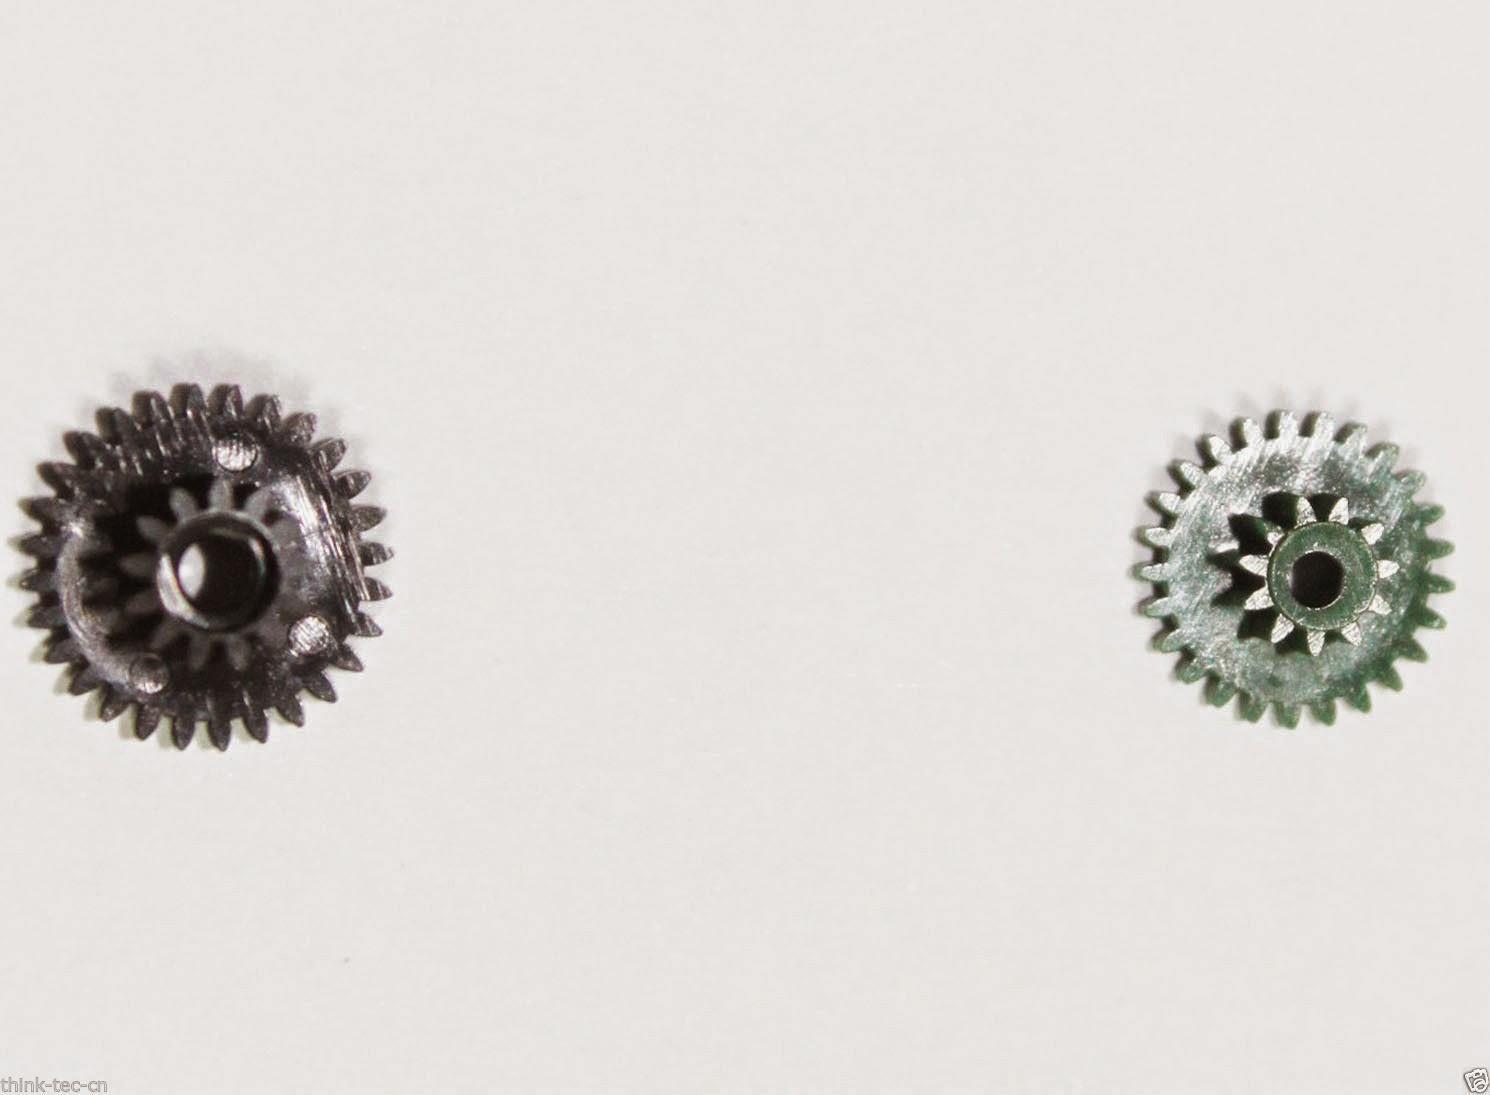 2 Pcs Lens Motor Wheel Gear Kit Repair Part for Canon EF-S 18-55mm IS II 2nd Gen